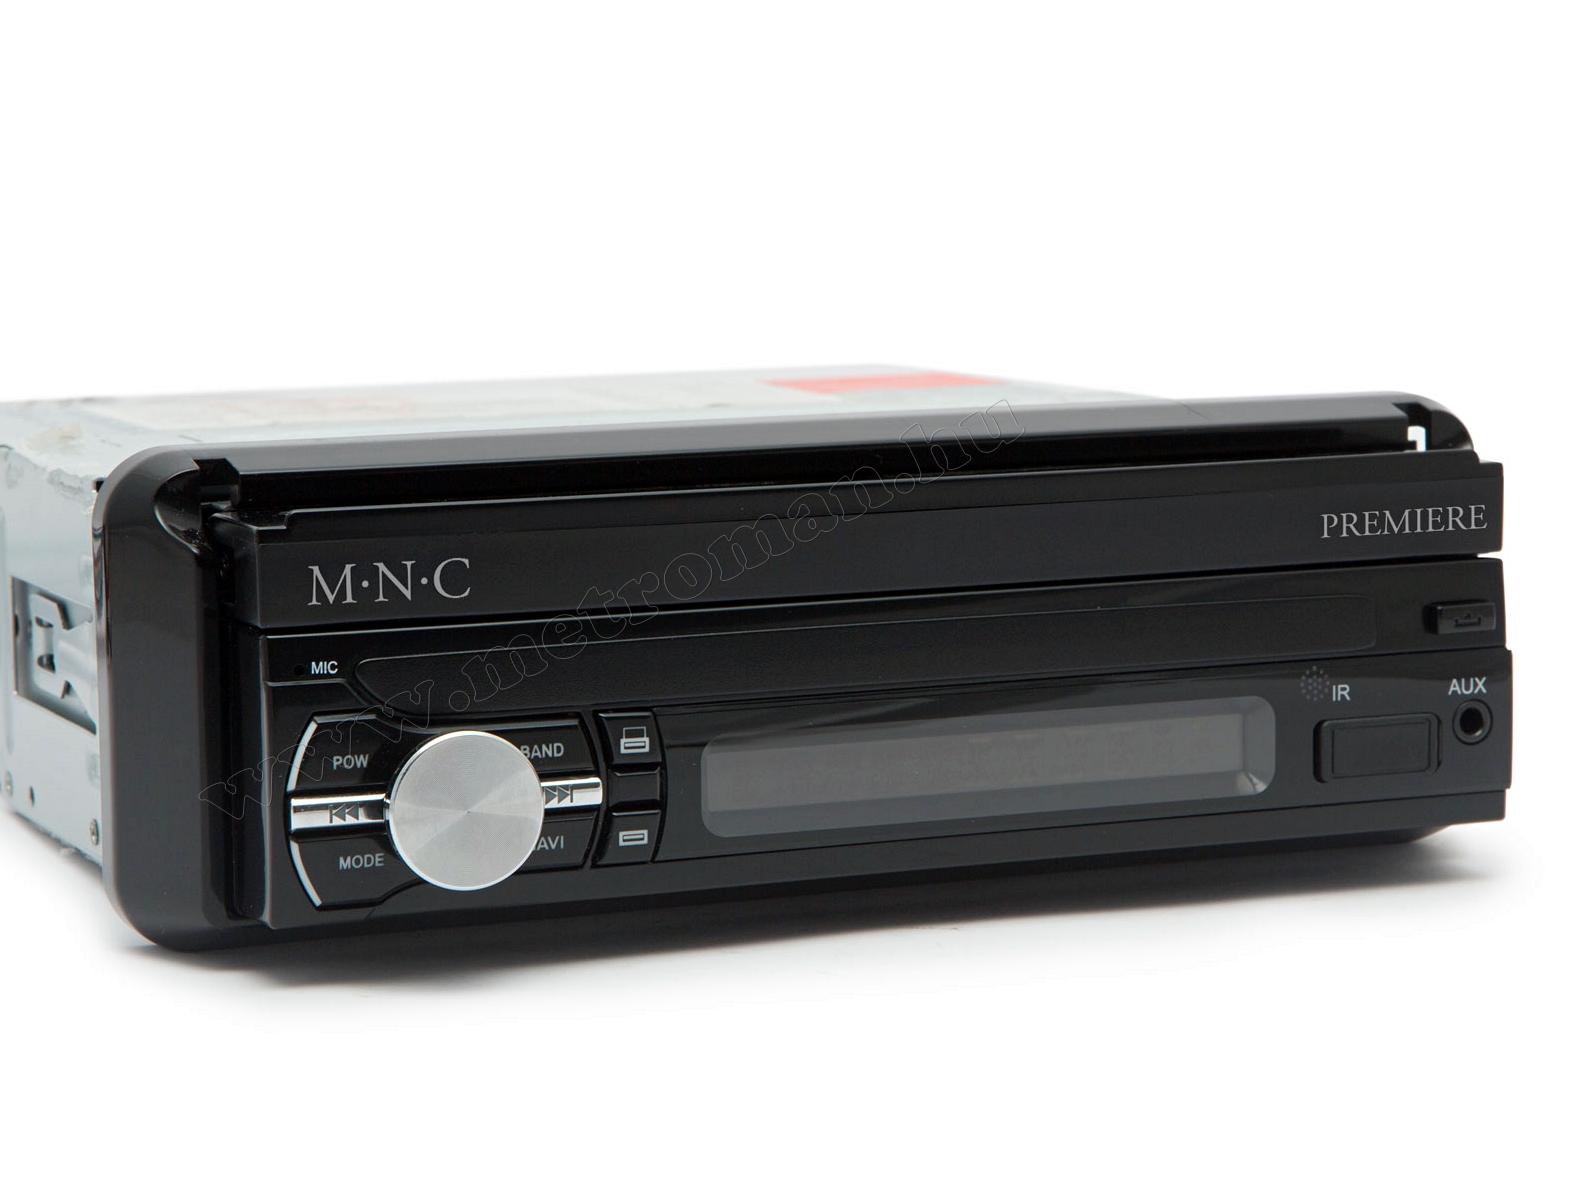 LCD érintőképernyős USB/SD Bluetooth Android Multimédia fejegység GPS navigációval MNC Premiere